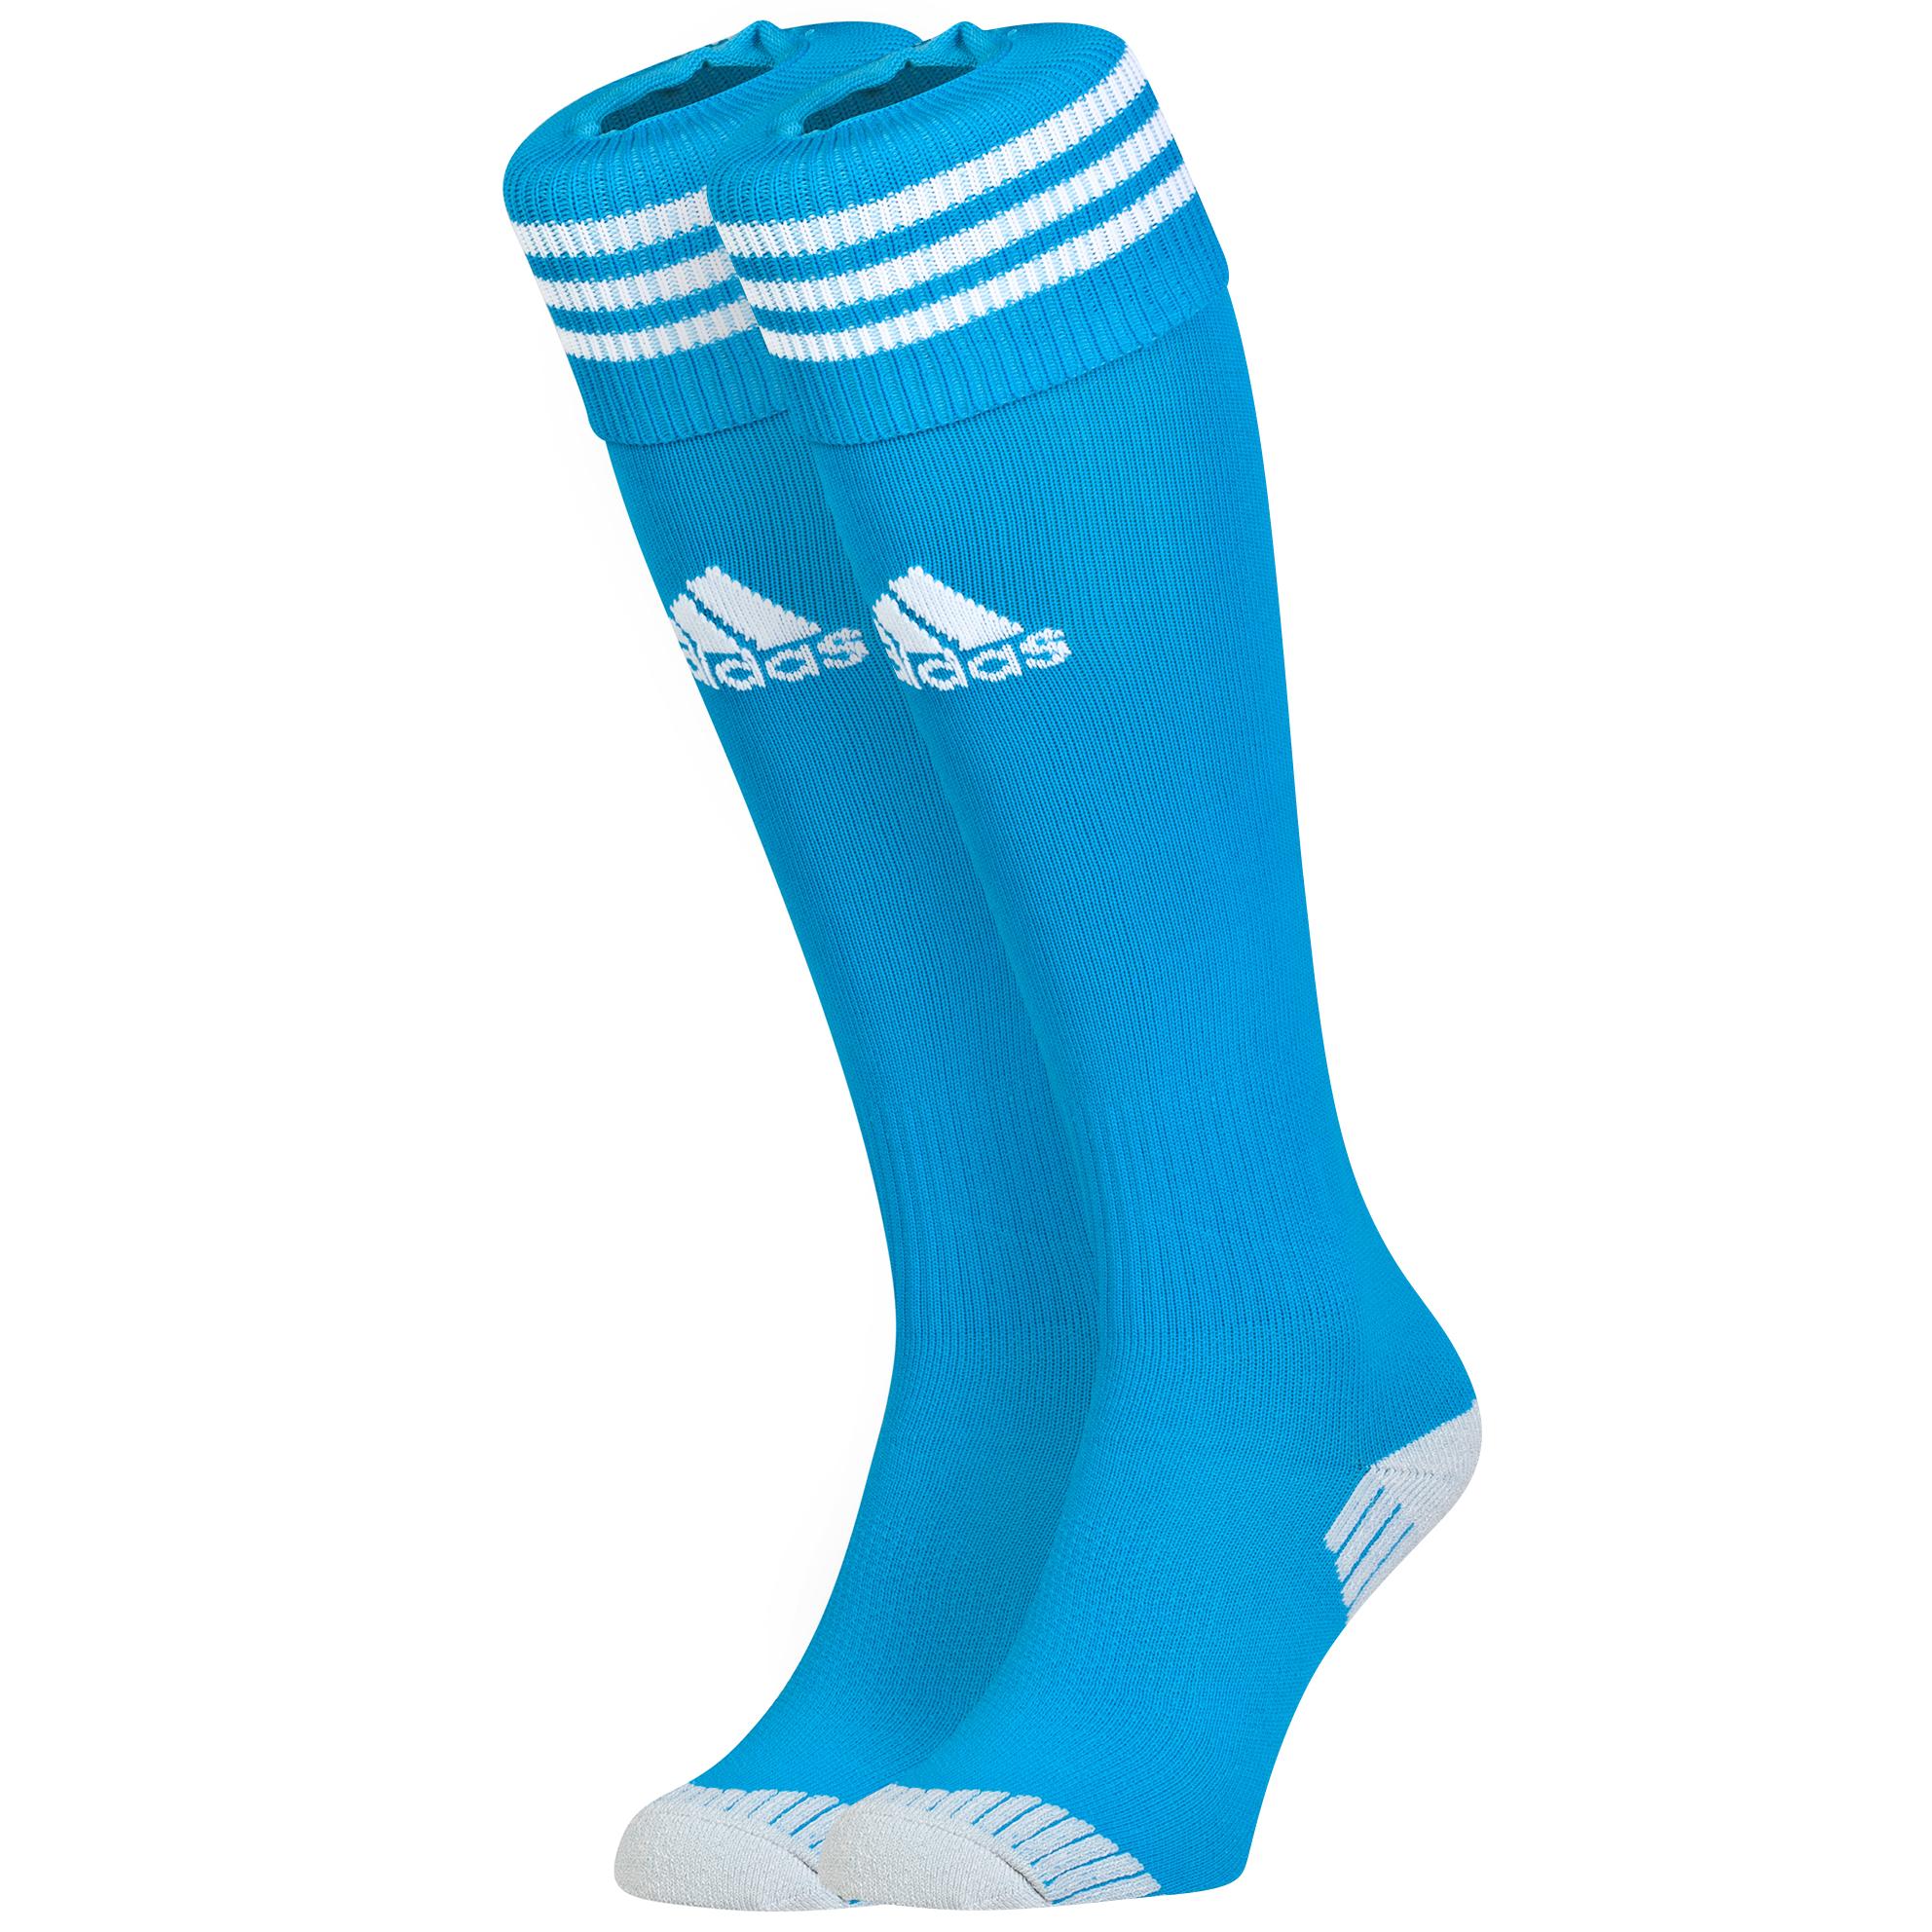 Sunderland Away Sock 2014/15 - Lt Blue